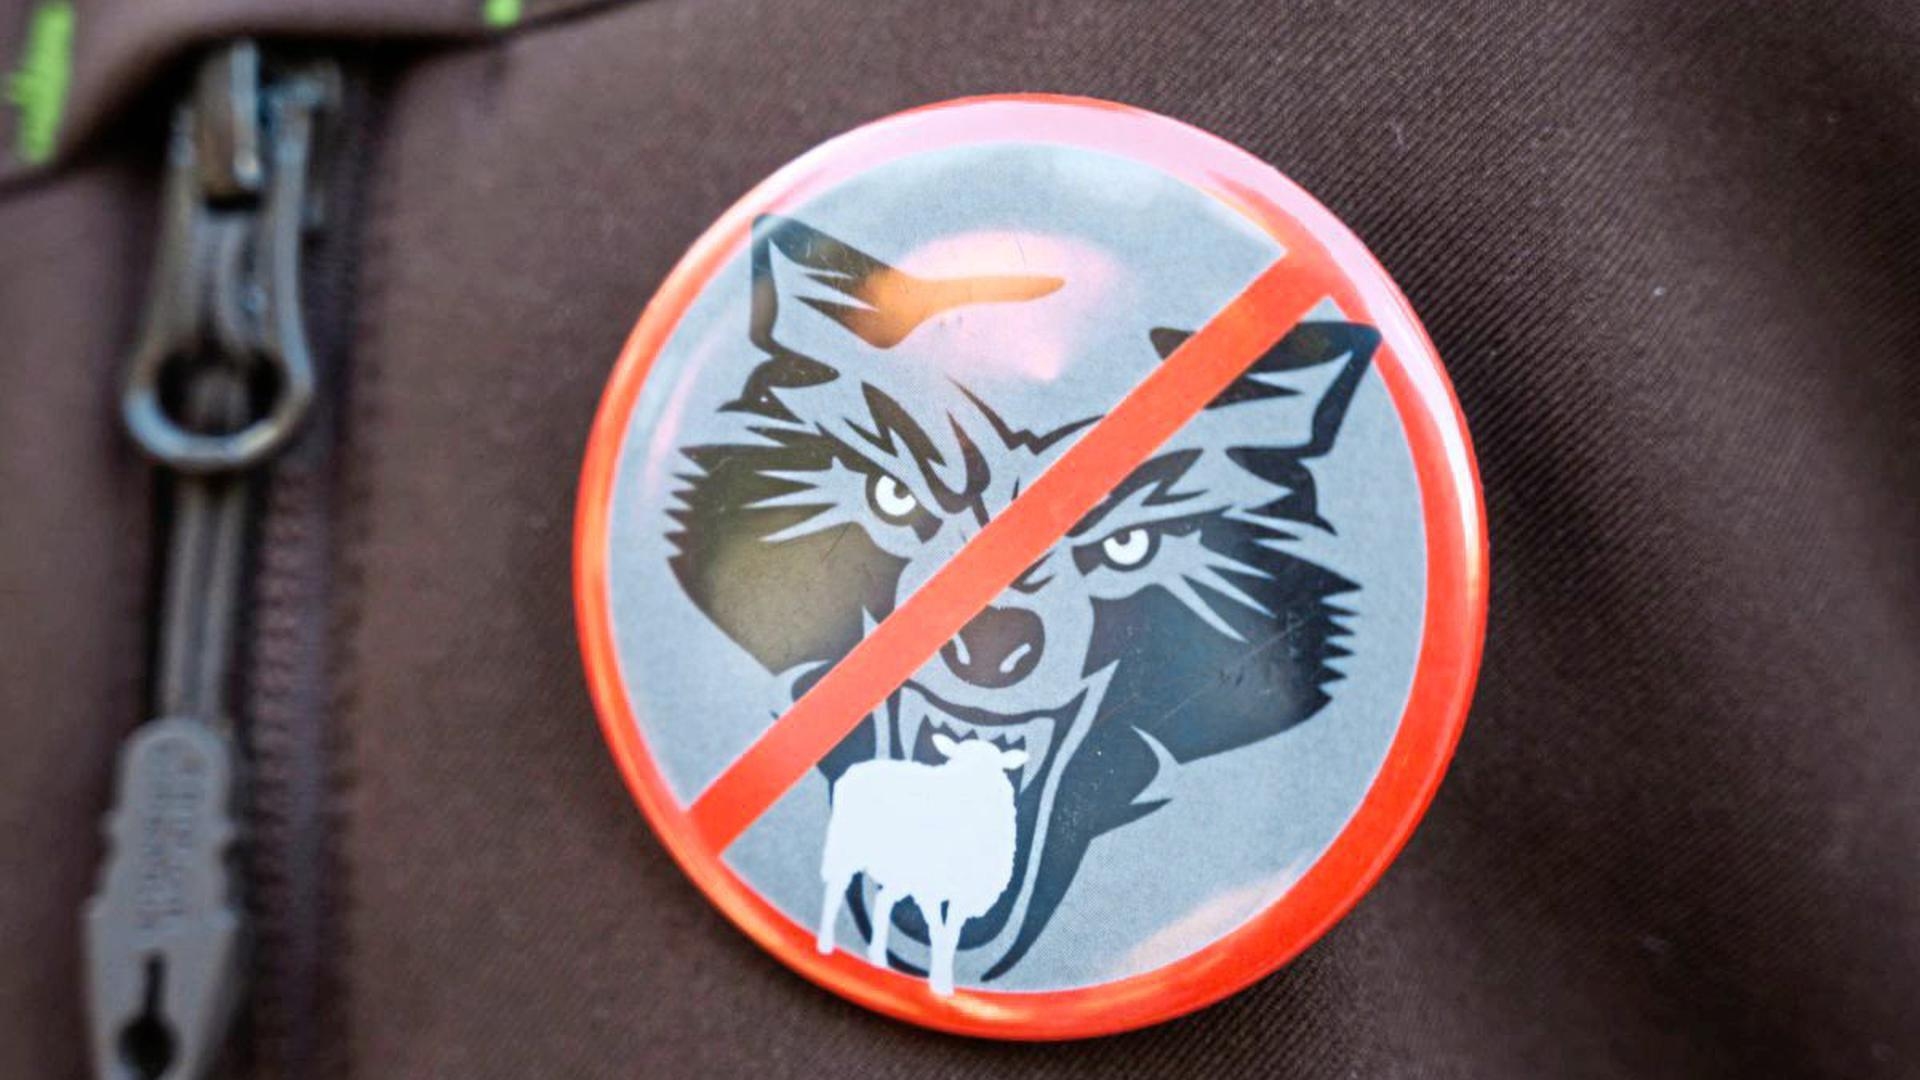 """Gefahr oder nicht? Die Rückkehr des Wolfes sorgt deutschlandweit für heftige Debatten. Das baden-württembergische Umweltministerium hat allerdings bereits klargestellt, dass der im Nordschwarzwald ansässige """"GW852m"""" kein """"Problemwolf"""" ist. Foto: dpa"""